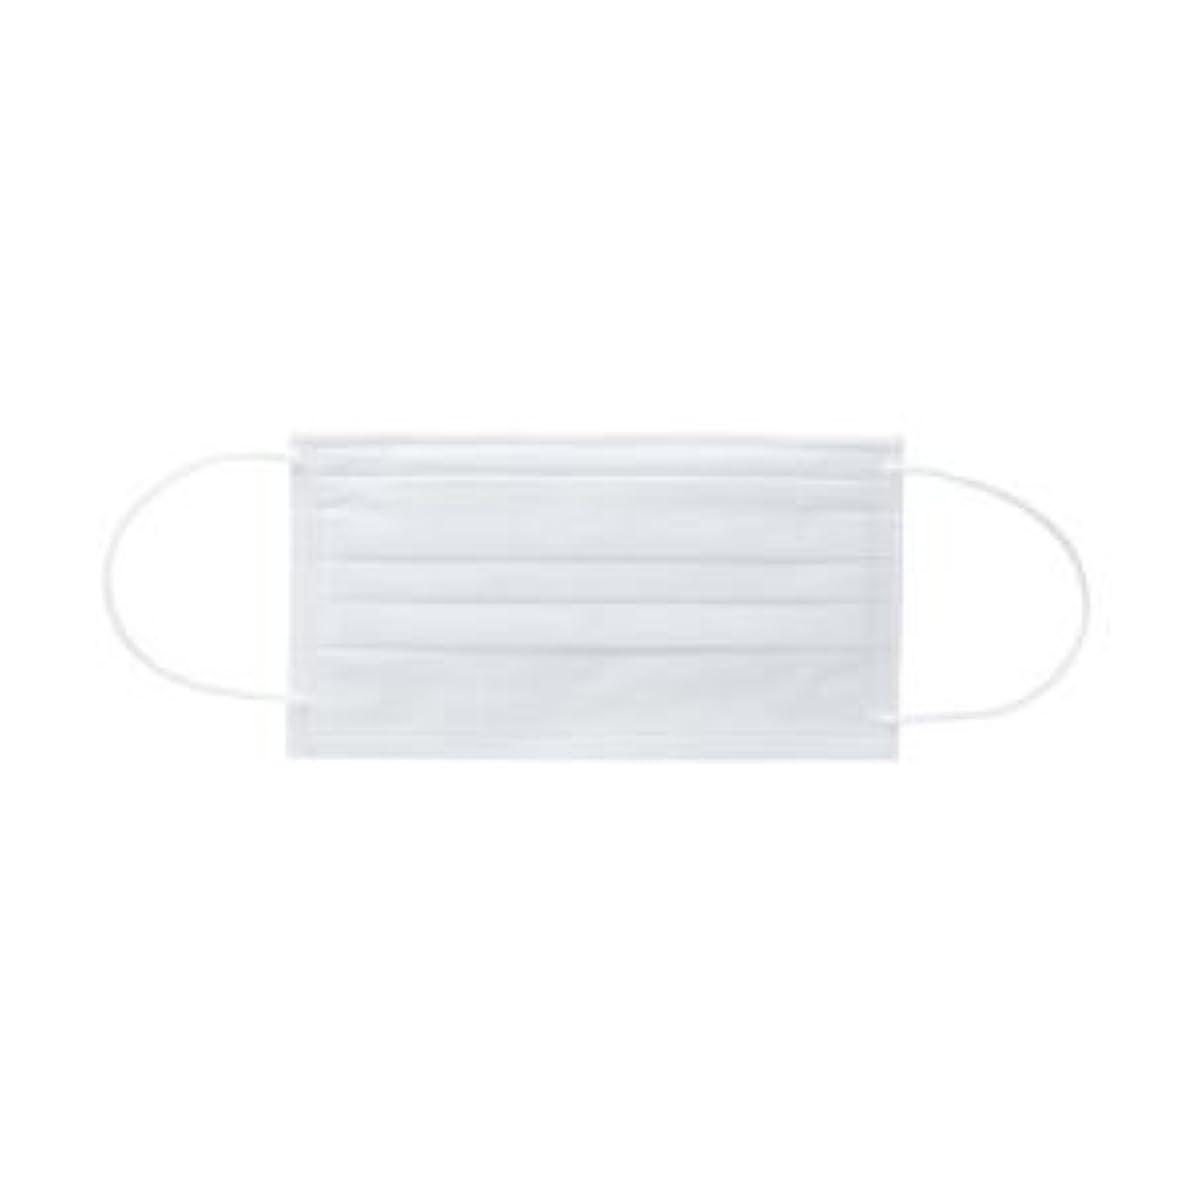 センターアリーナ素晴らしさ(業務用セット) フォーカス 不織布マスクValue レギュラー ホワイト 1箱(50枚) 【×10セット】